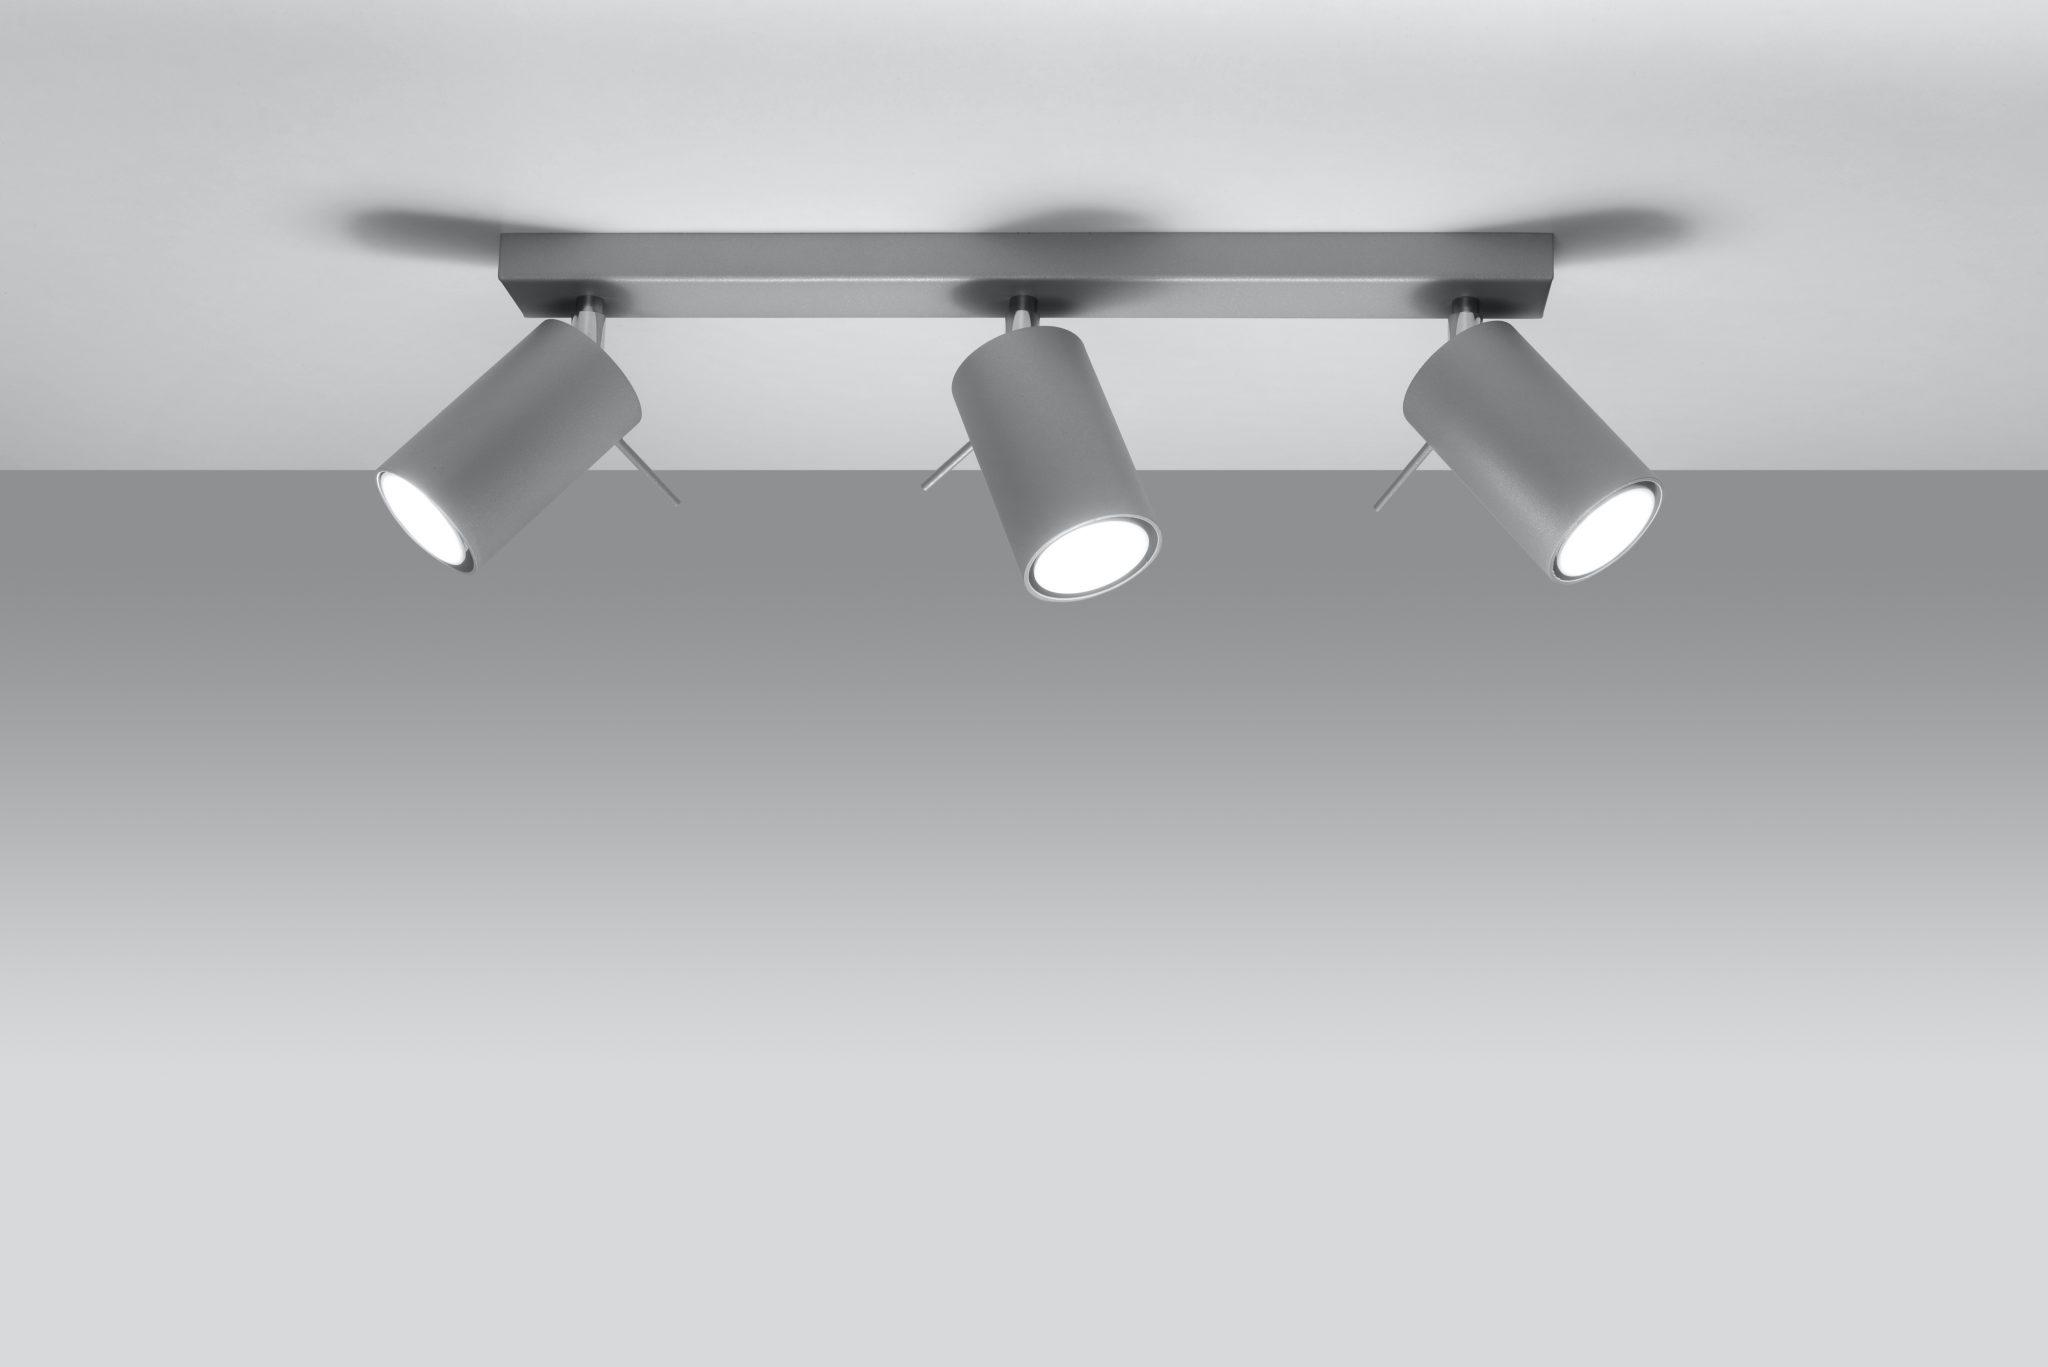 Spot listrwa oświetleniowa lampa sufitowa Ring 3 el kolor szary 03